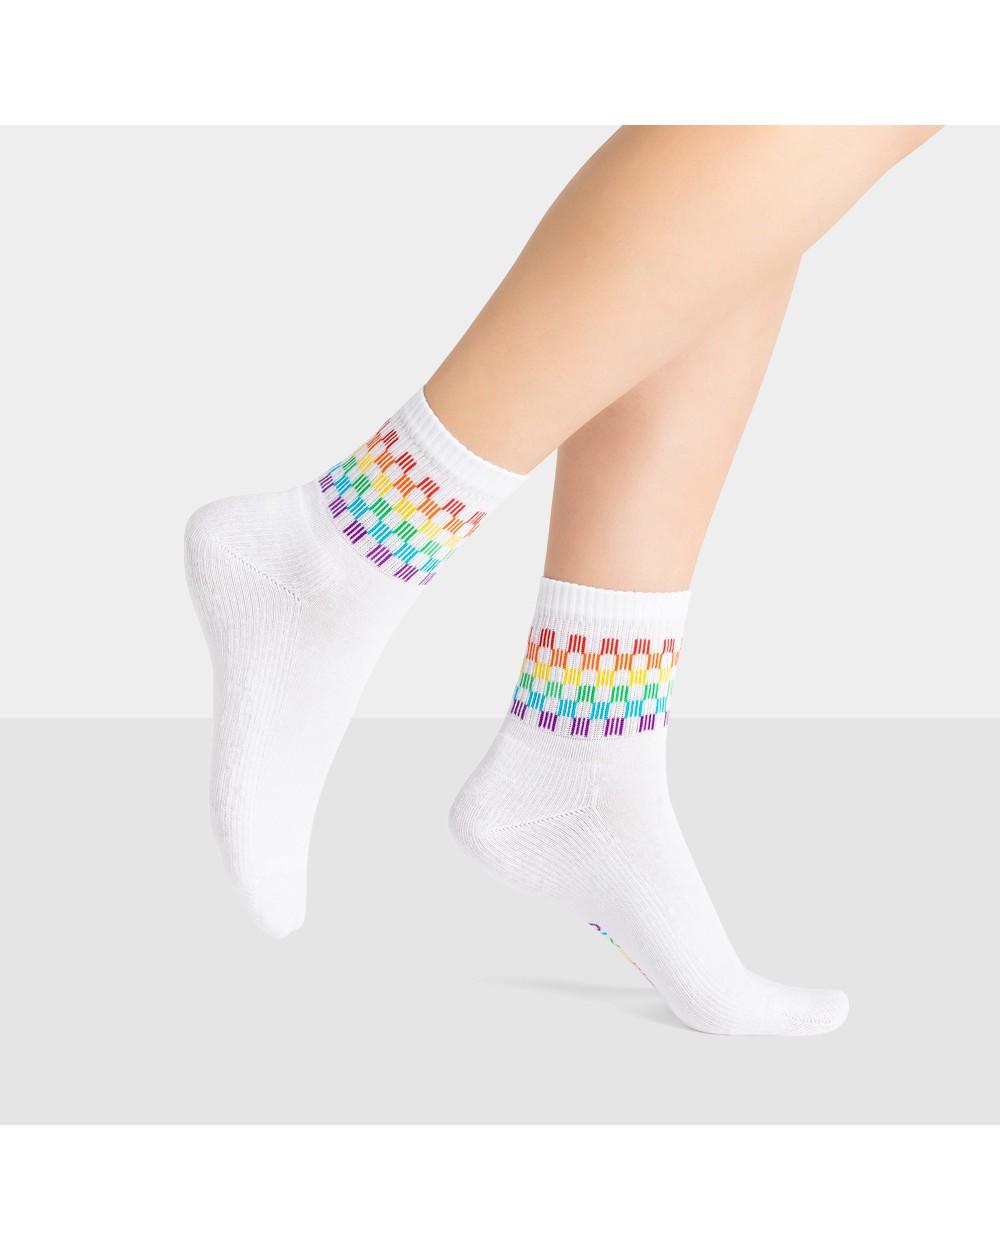 Chaussettes Coton Sport Motif Rainbow